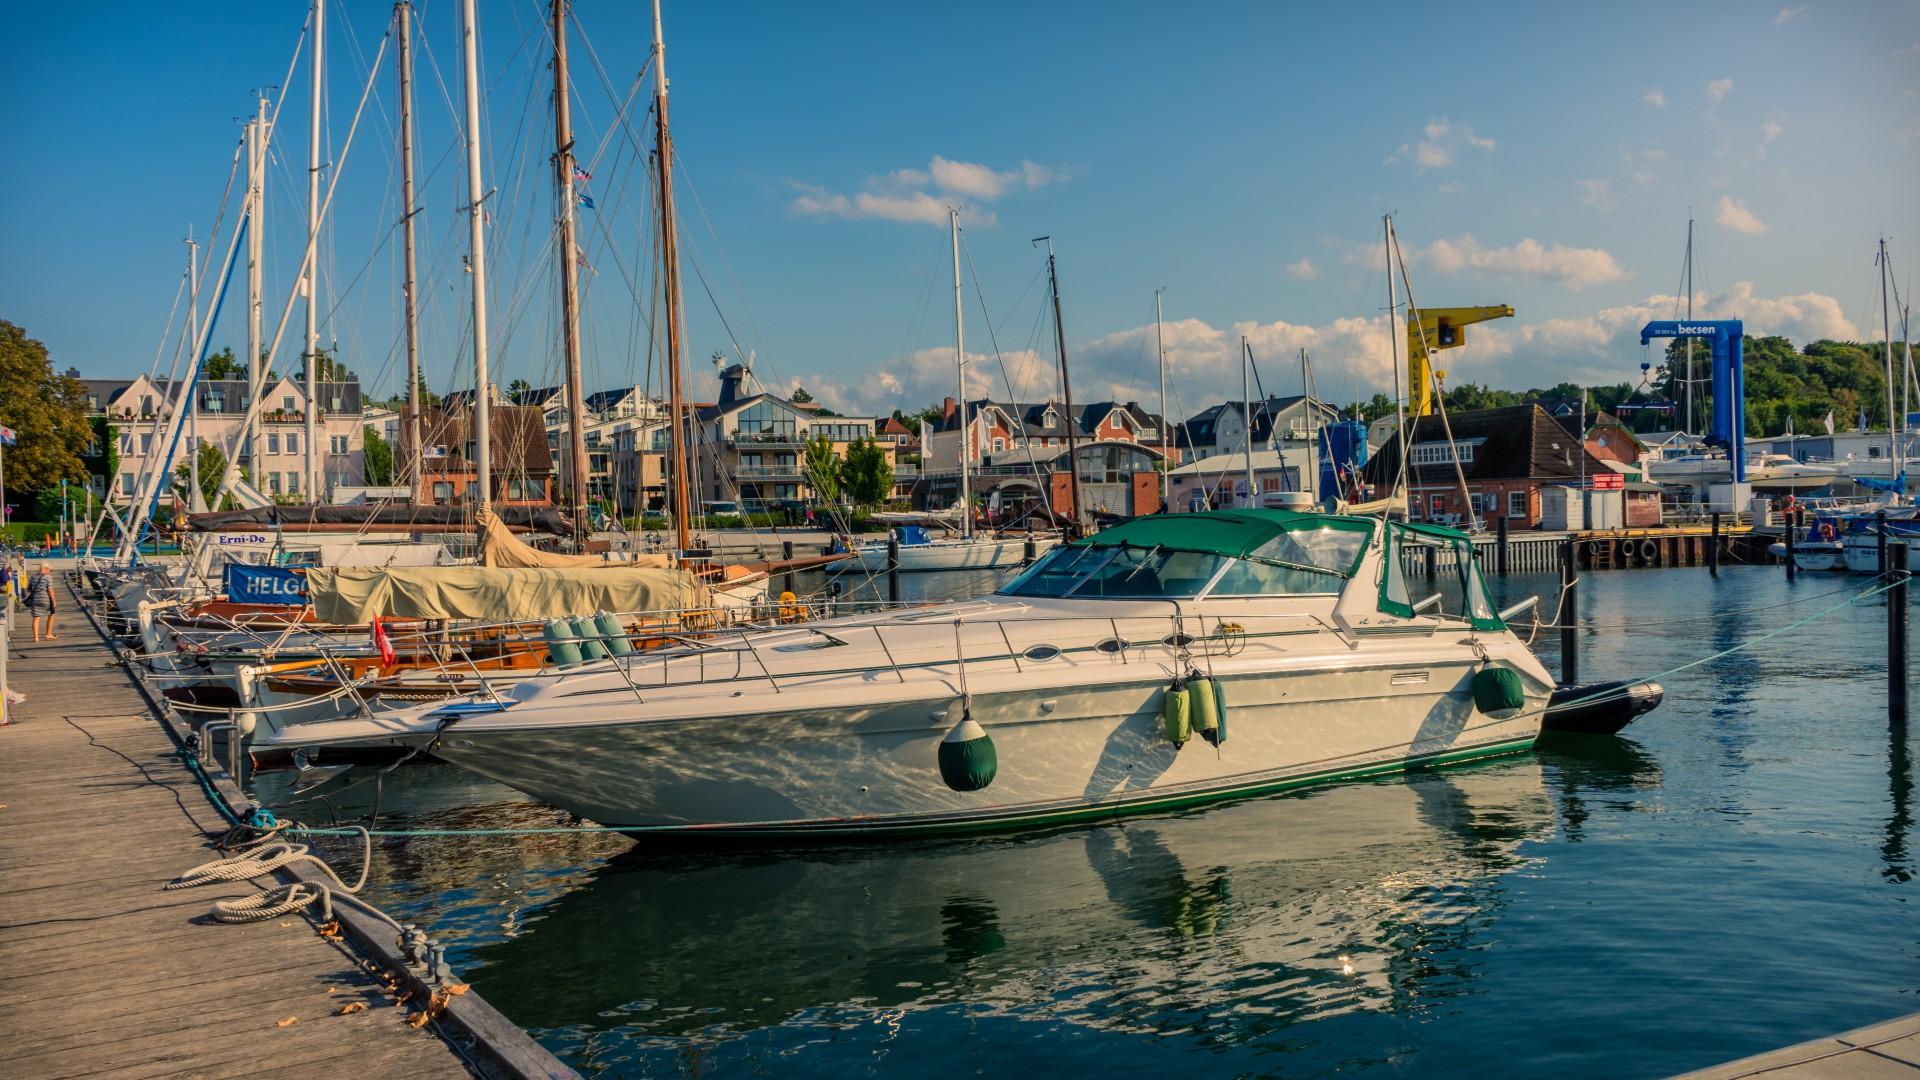 Hafen, Boote, Wasser, blauer Himmel